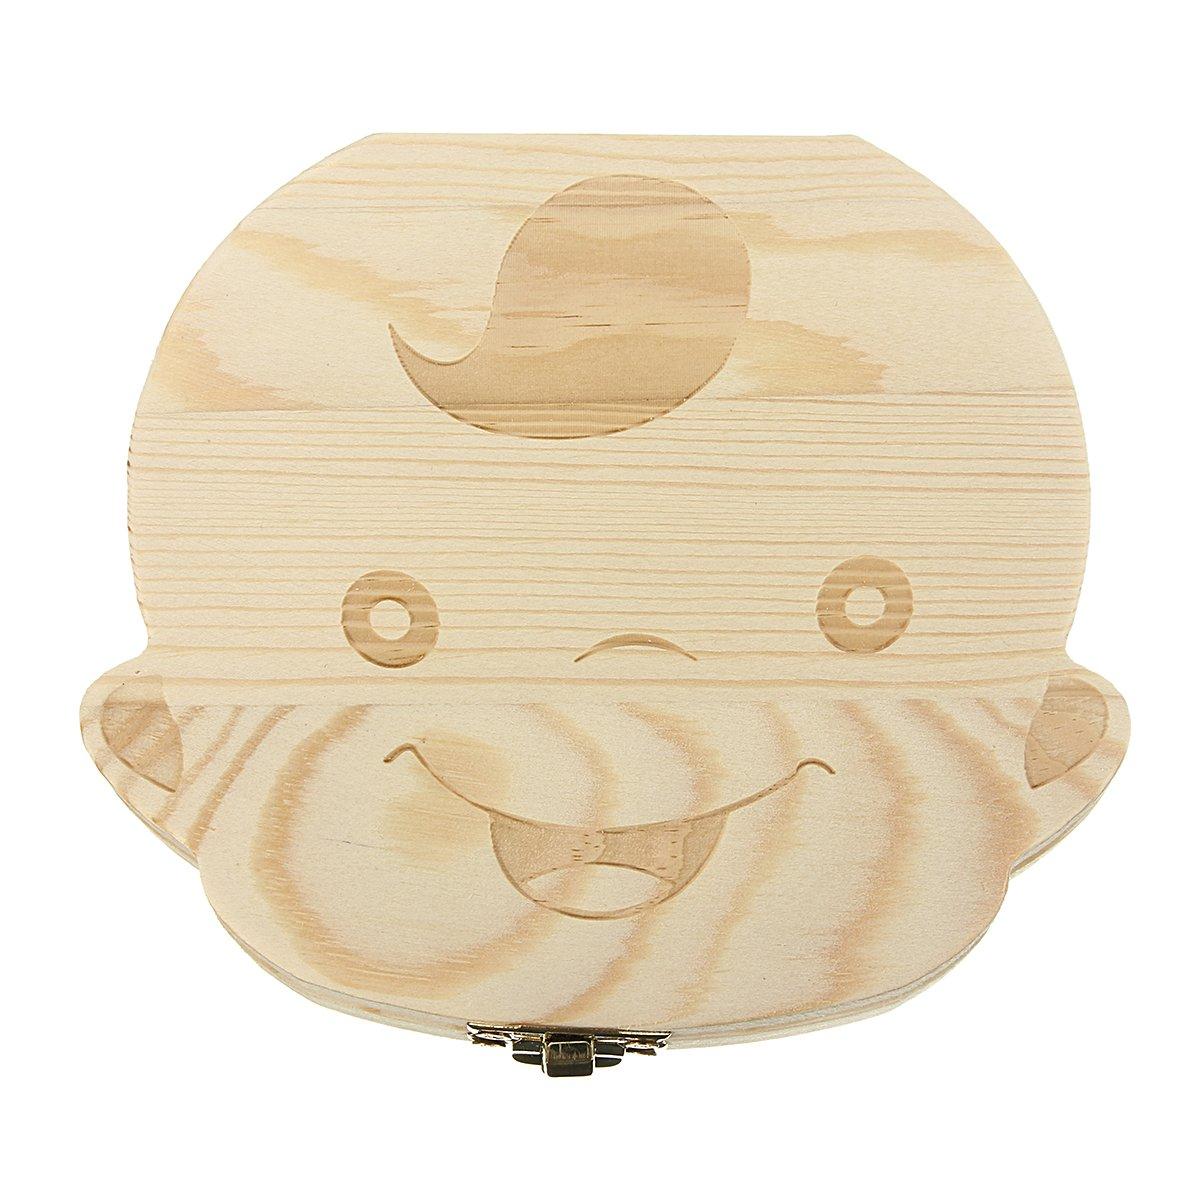 Wood Tooth Box Organizer Baby Children Save Milk Teeth Storage Box BOY